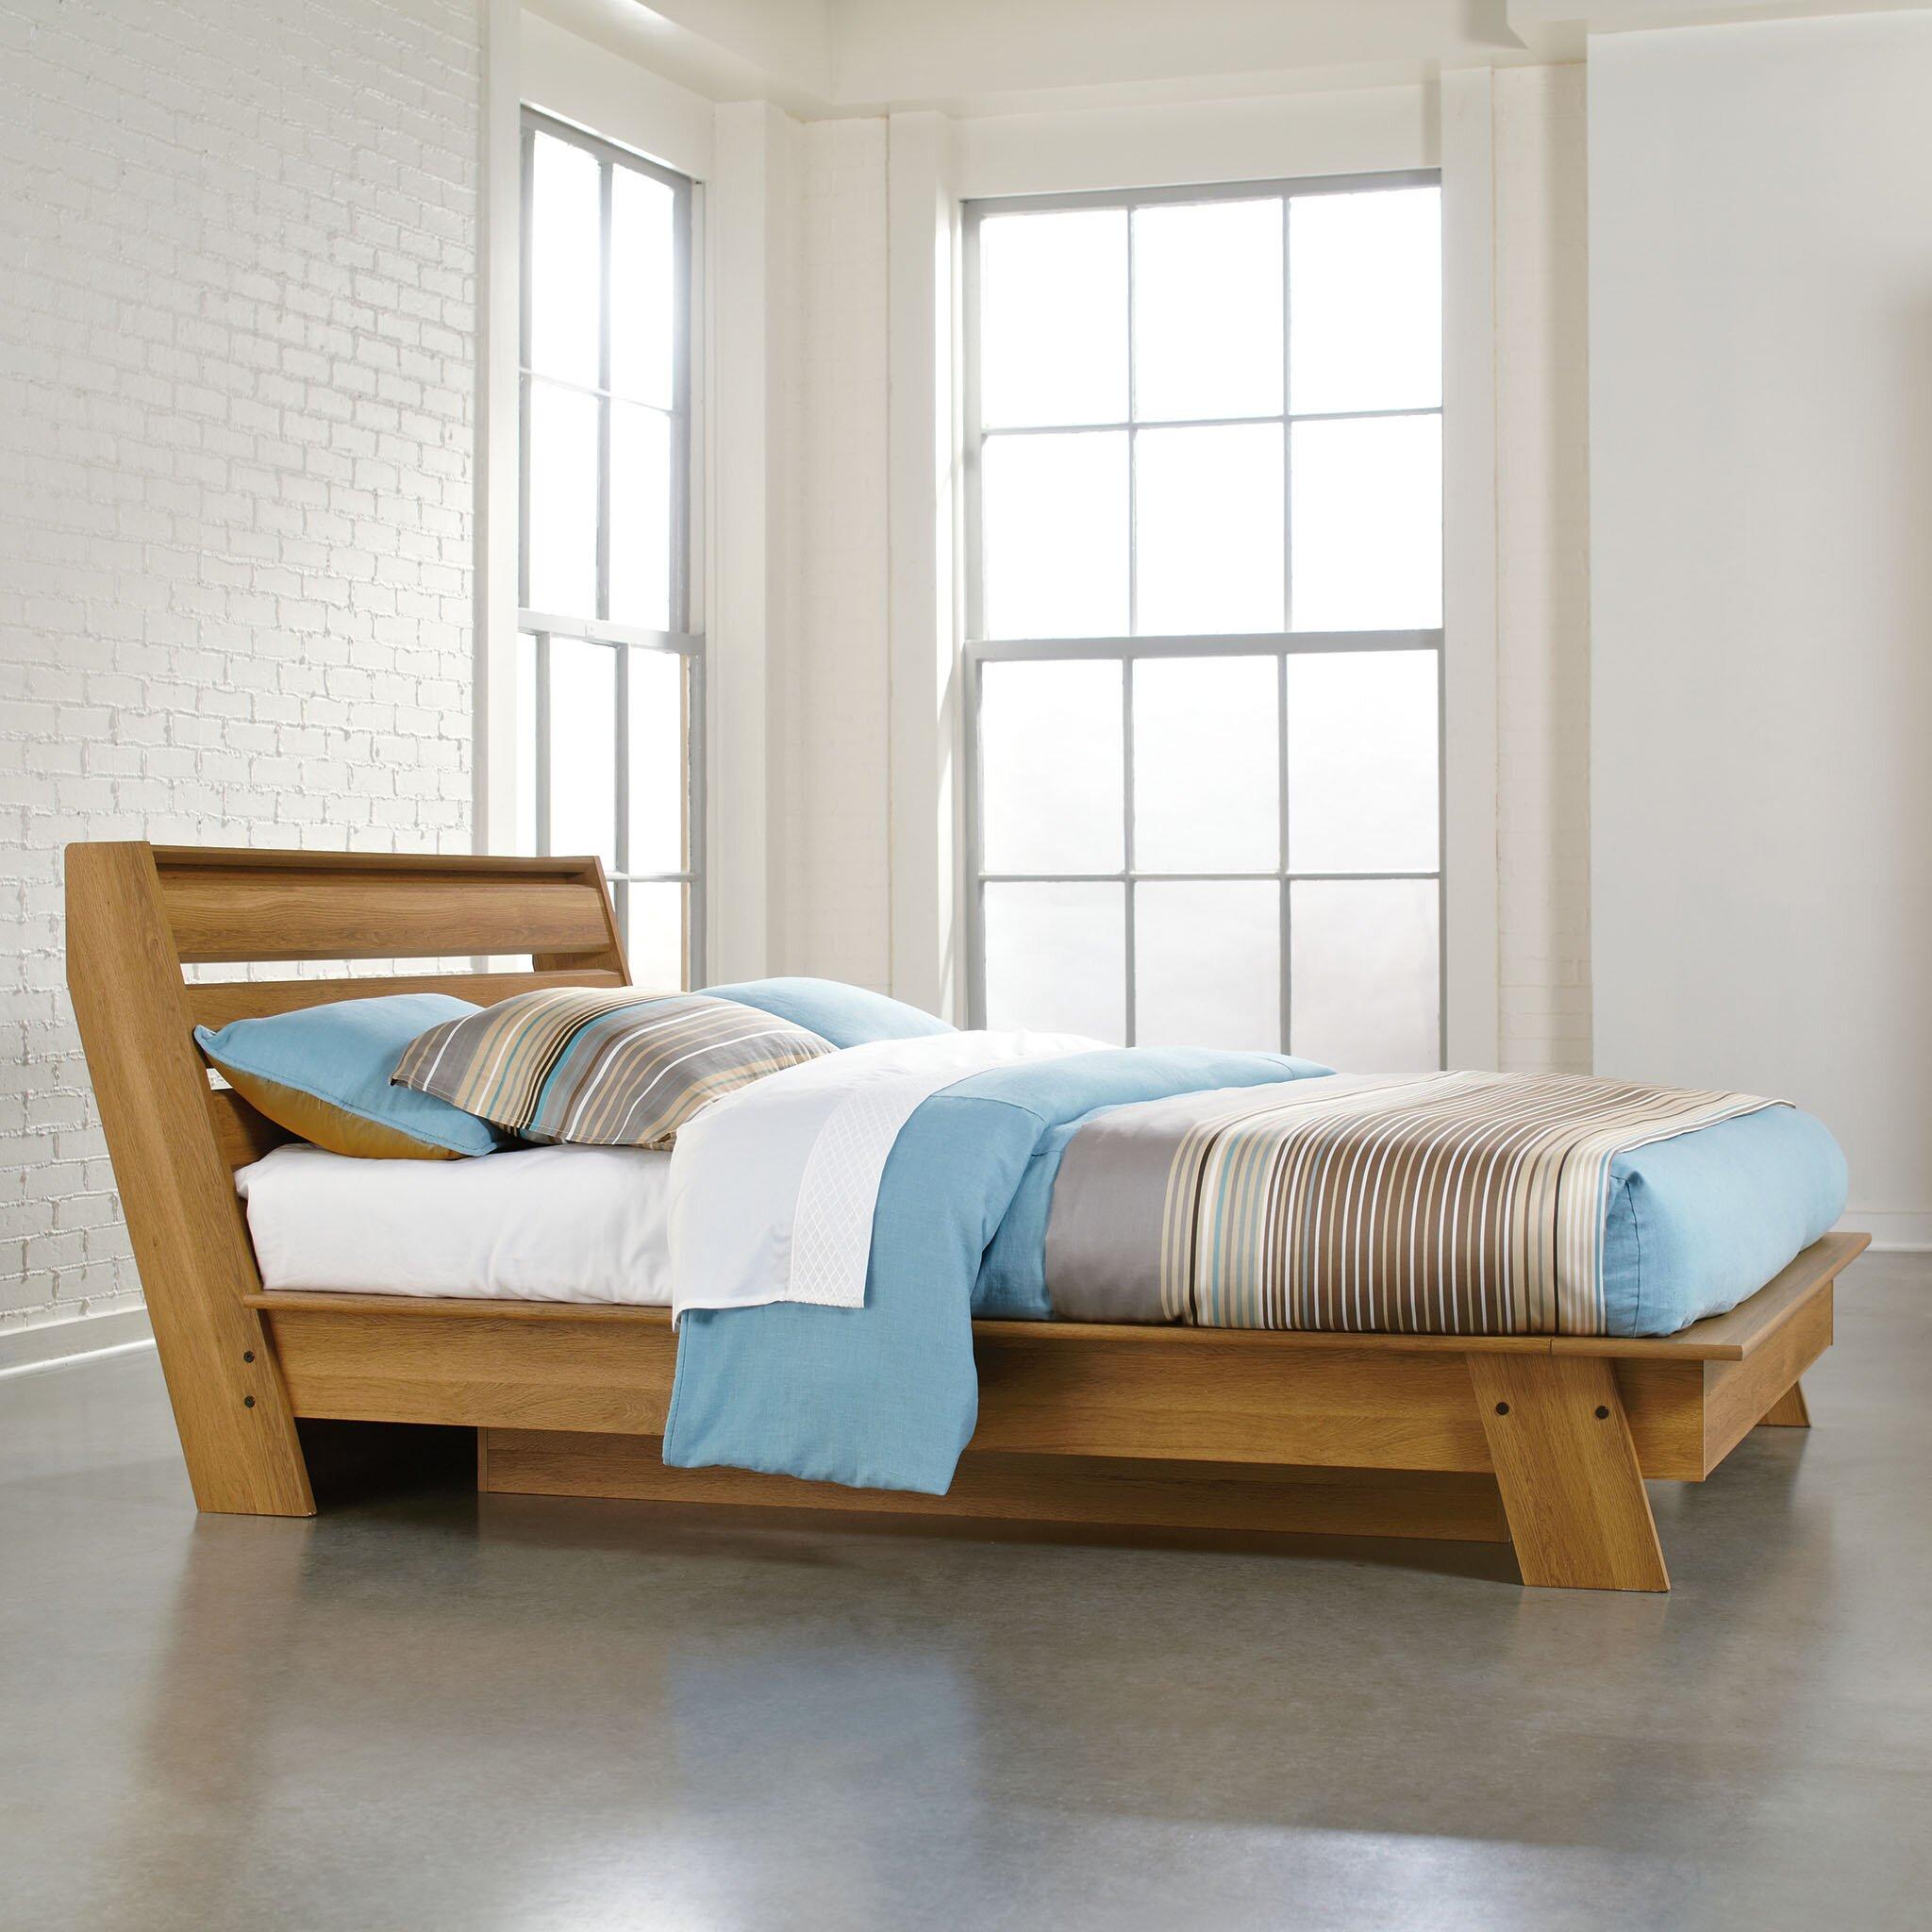 Sauder Queen Platform Bed Reviews Wayfair